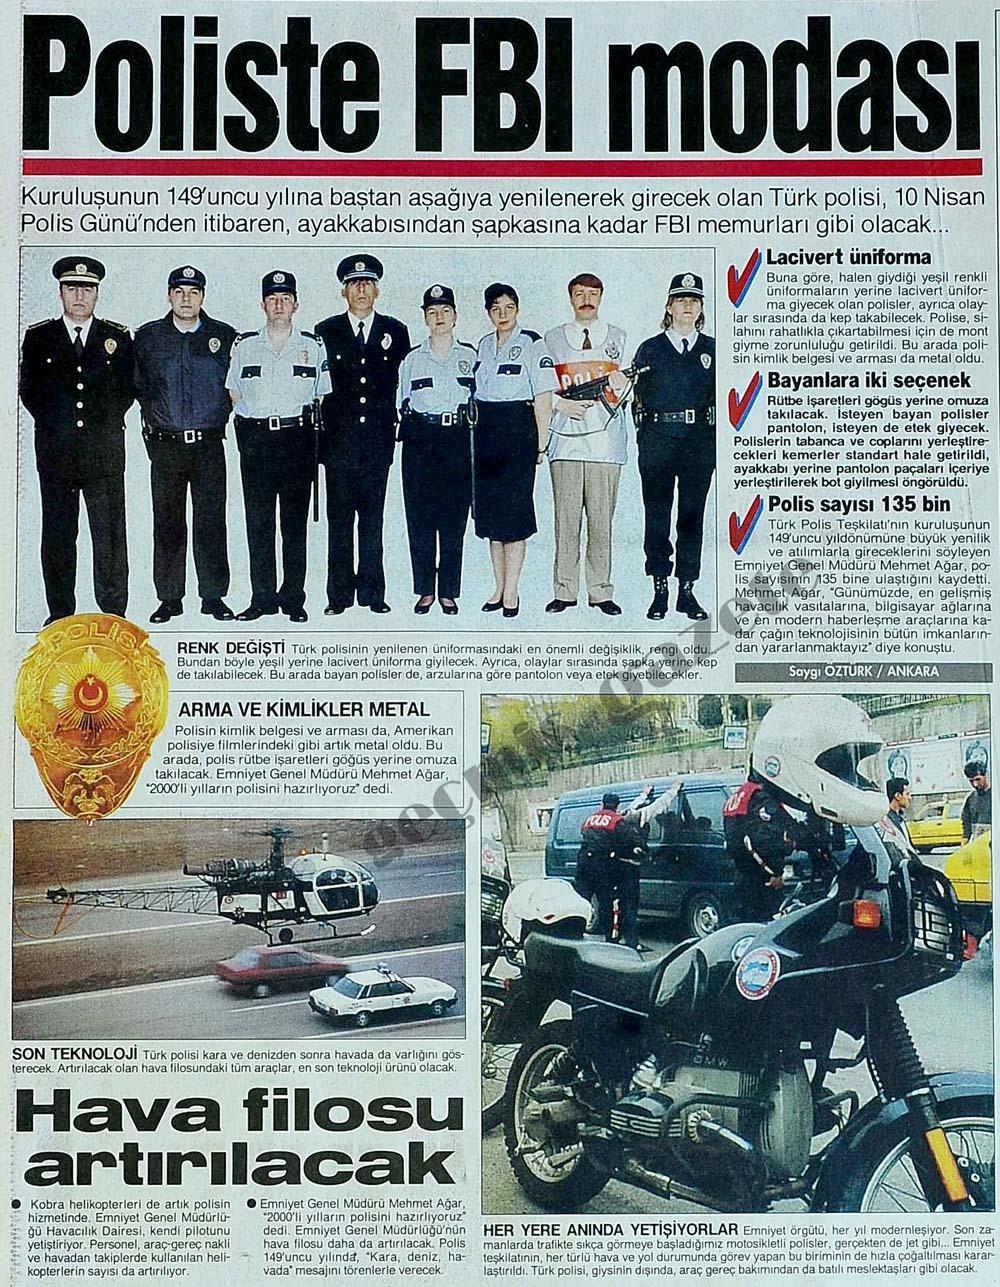 Poliste FBI modası